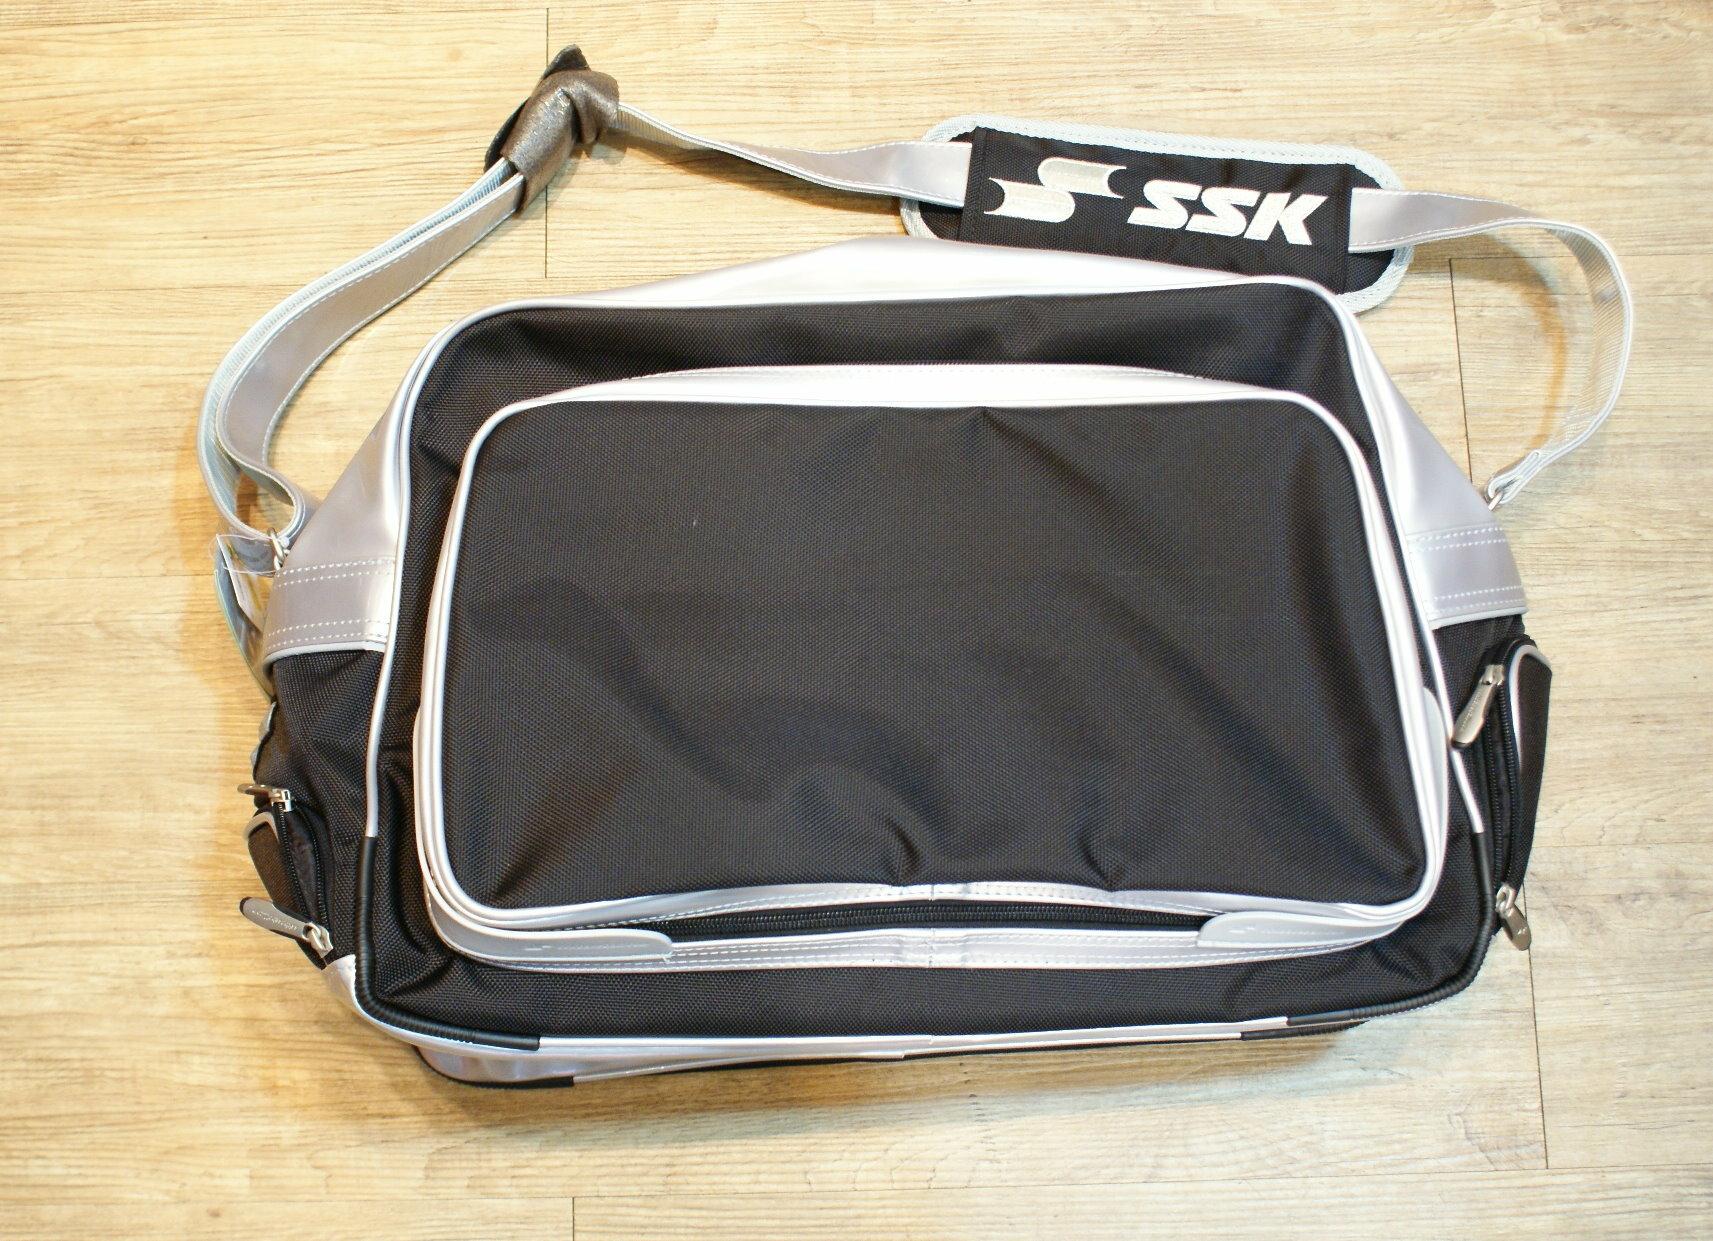 棒球世界SSK日本販售款個人裝備袋  三色 特價